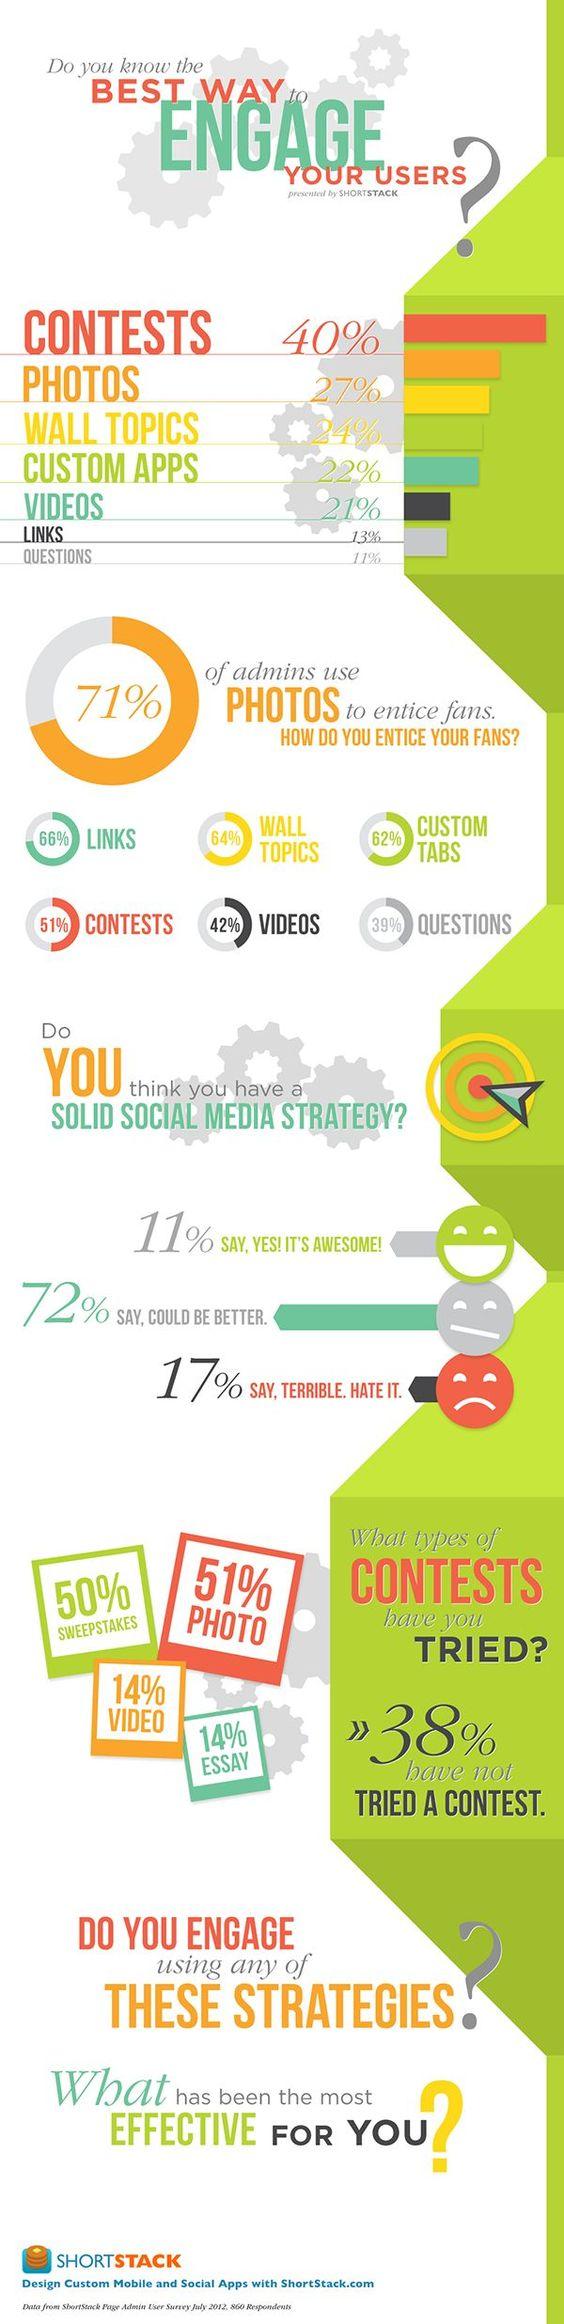 Beste manieren om interactie te hebben met bezoekers aan je facebook, twitter, linkedin, Instagram, PInterest, Youtube enz - #infographic #socialmedia